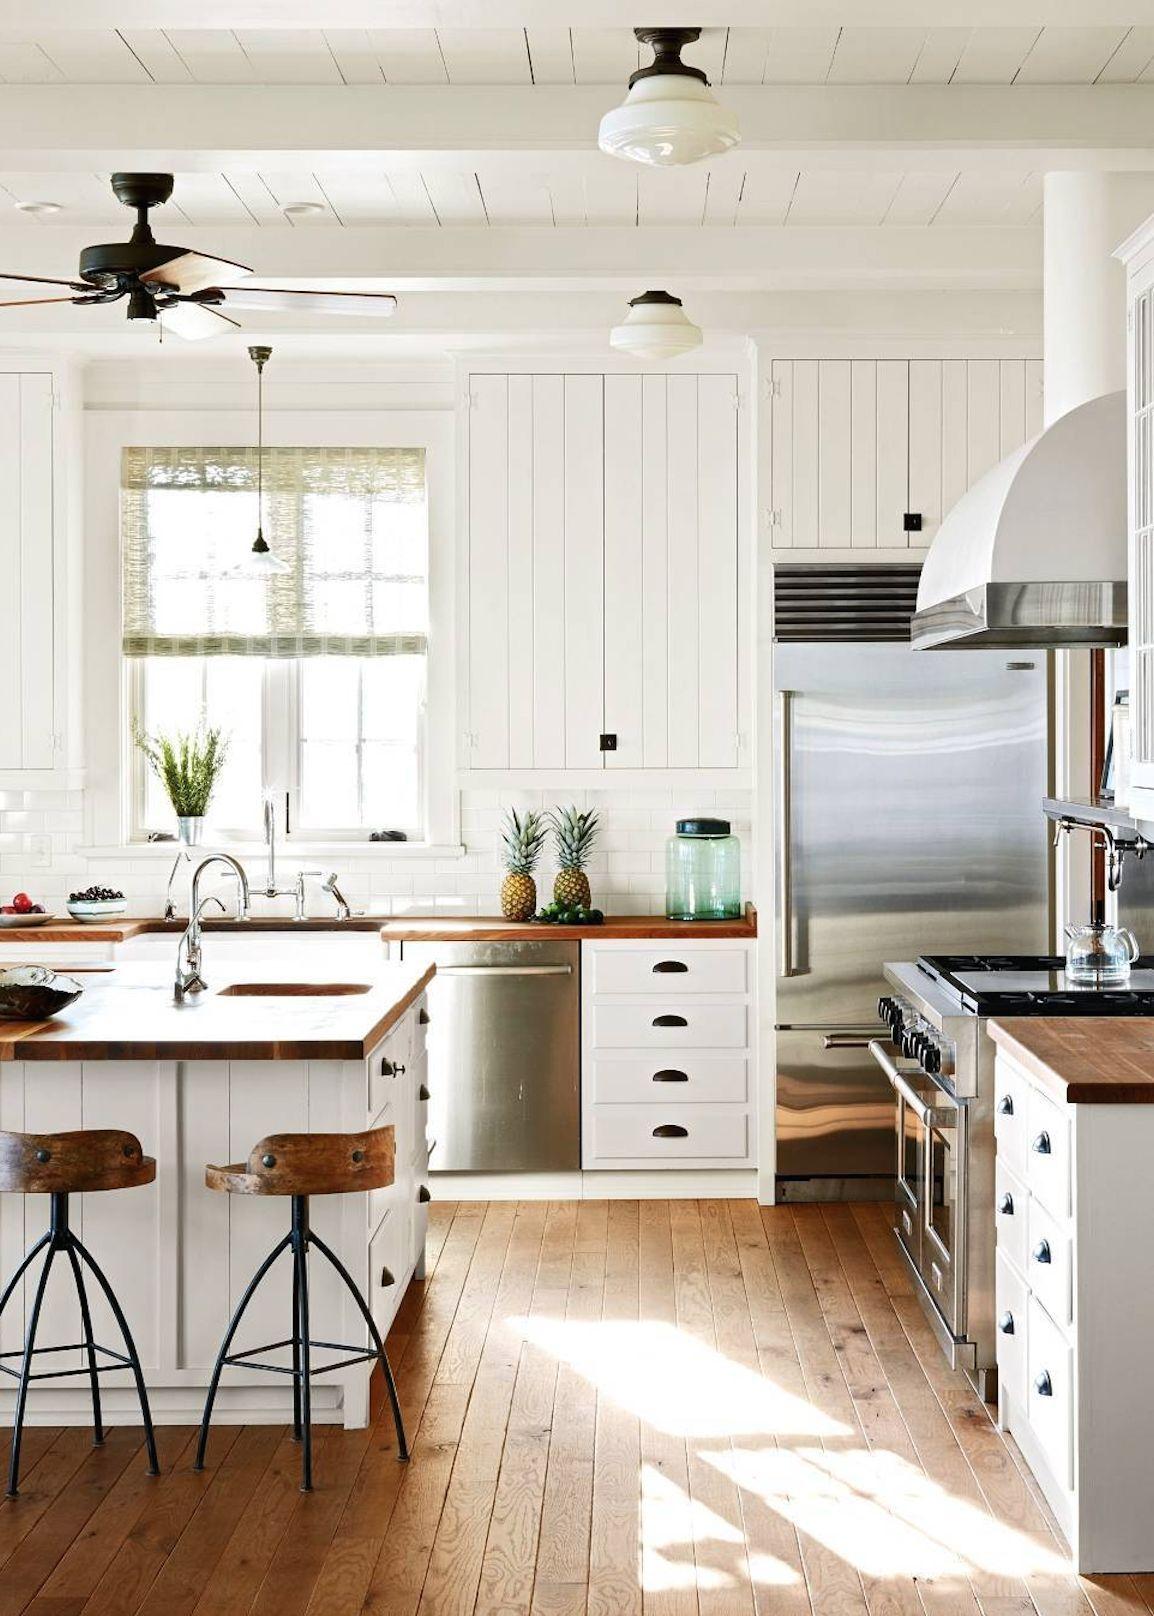 Pinterest: Nuggwifee   h o m e   Pinterest   Küche, Wohnideen und ...